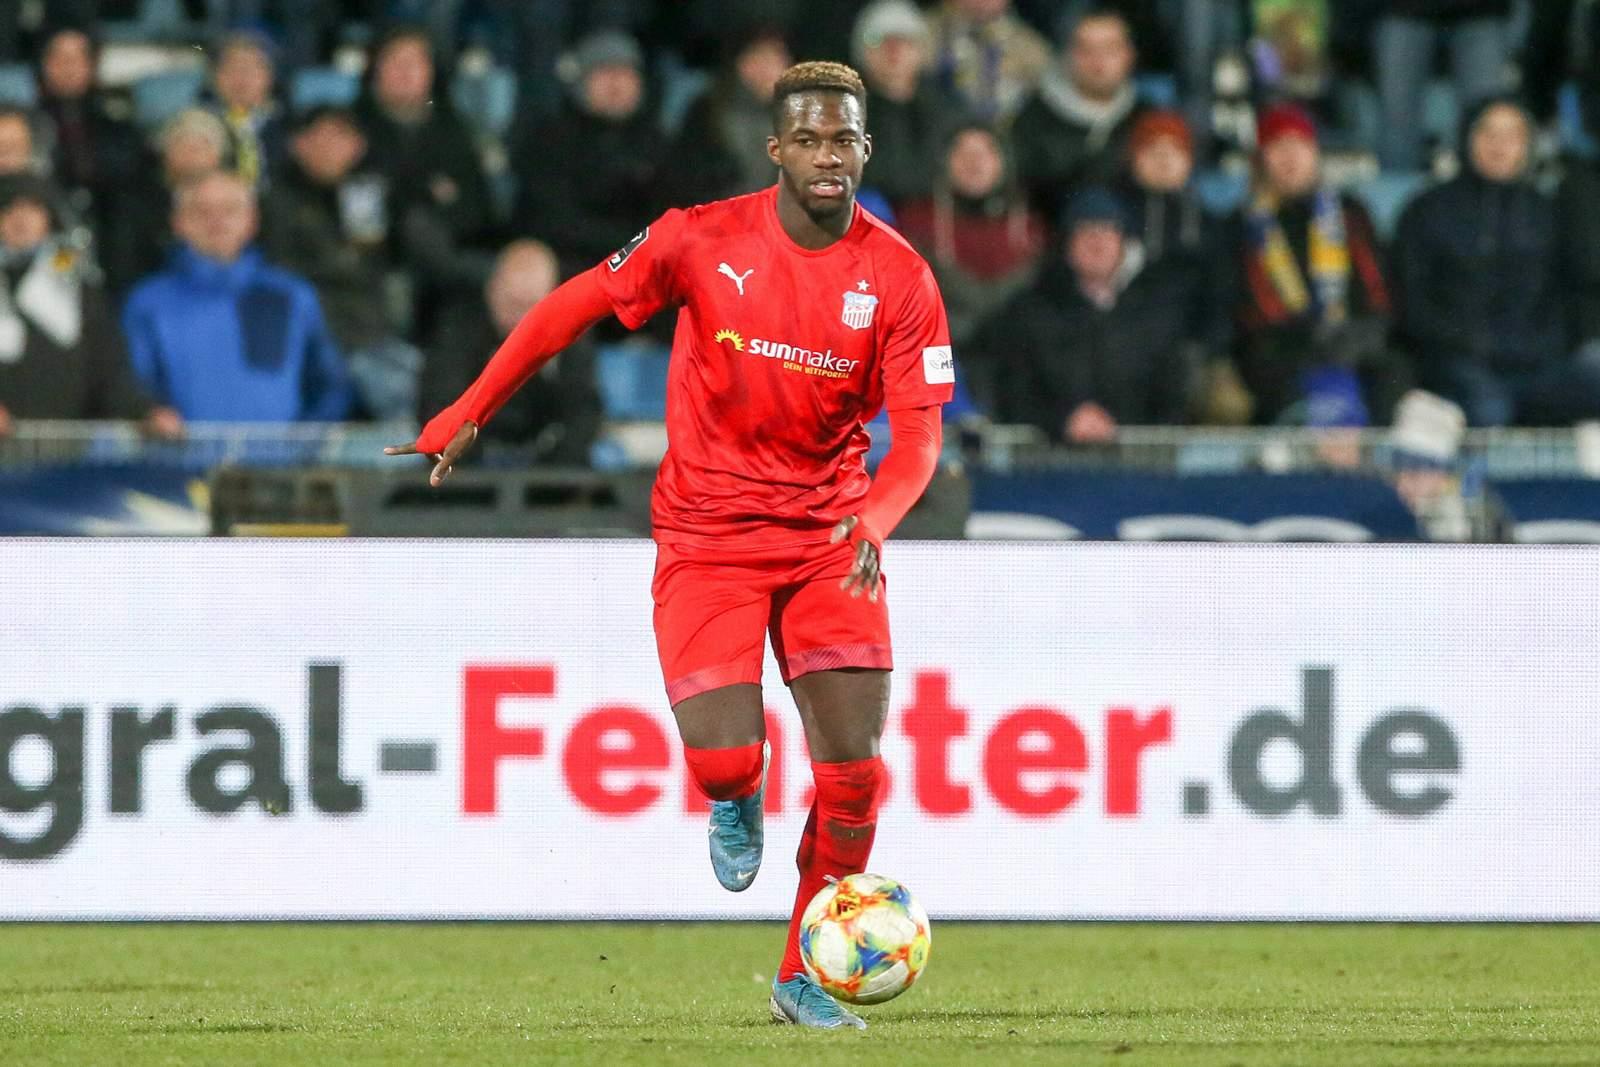 Johannes Dörfler im Spiel gegen Jena.